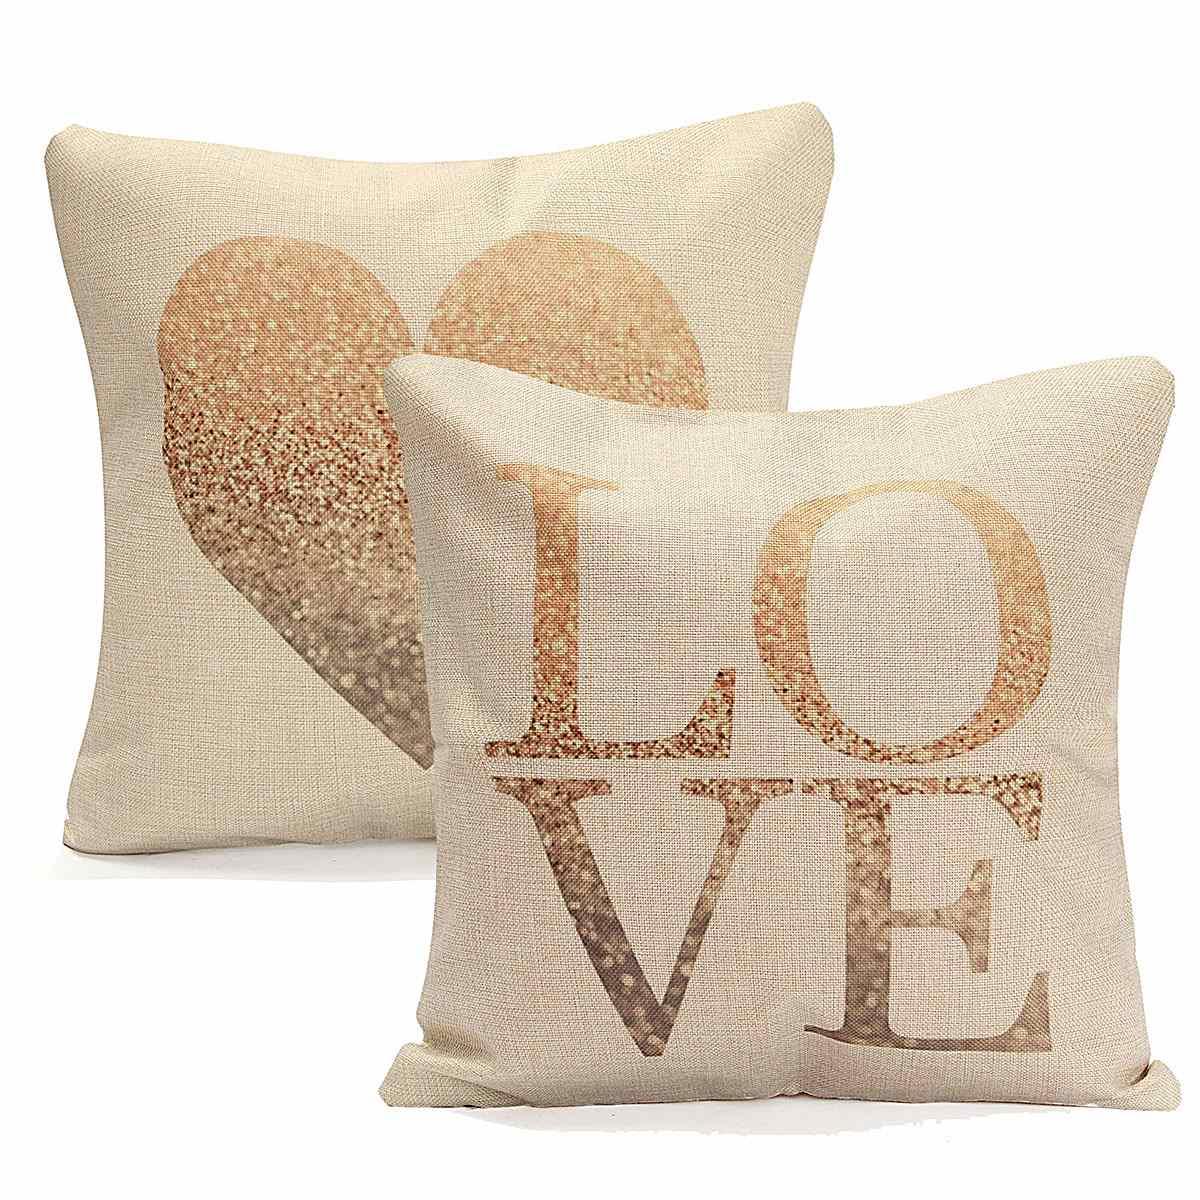 Aliexpress.com : Buy Cotton Linen LOVE Heart Pillow Case